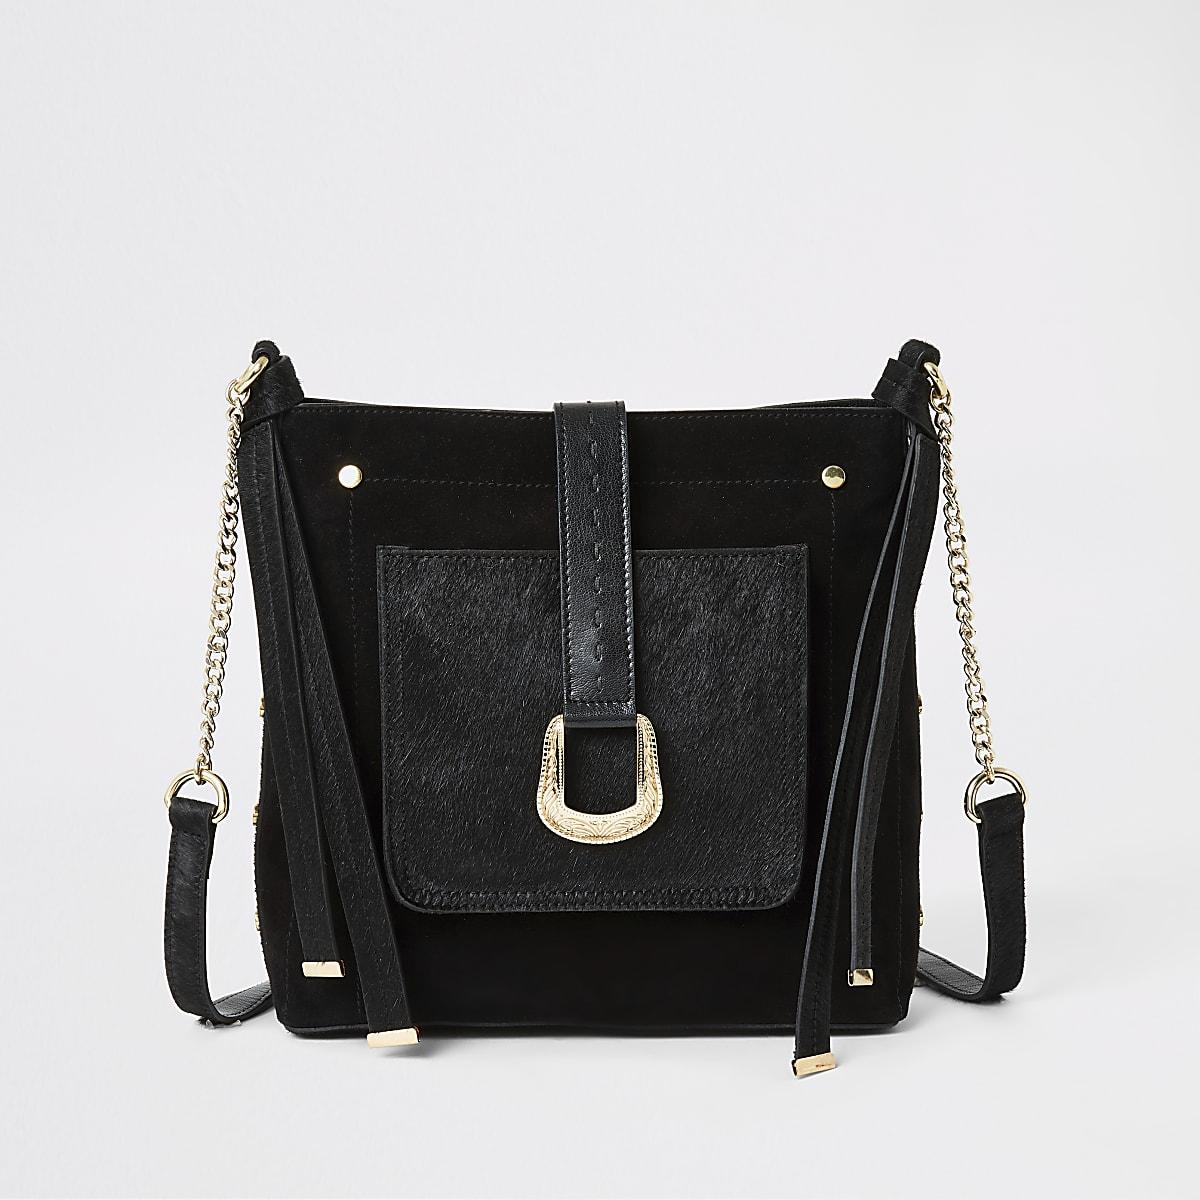 Boucle en cuir noir sur le devant de la sacoche